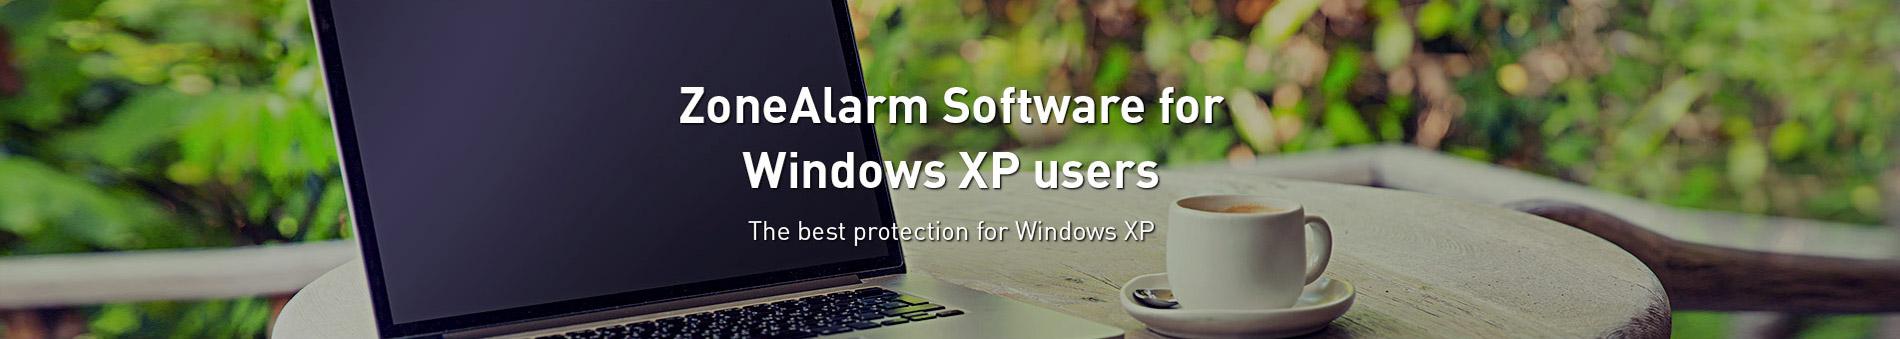 XP Users